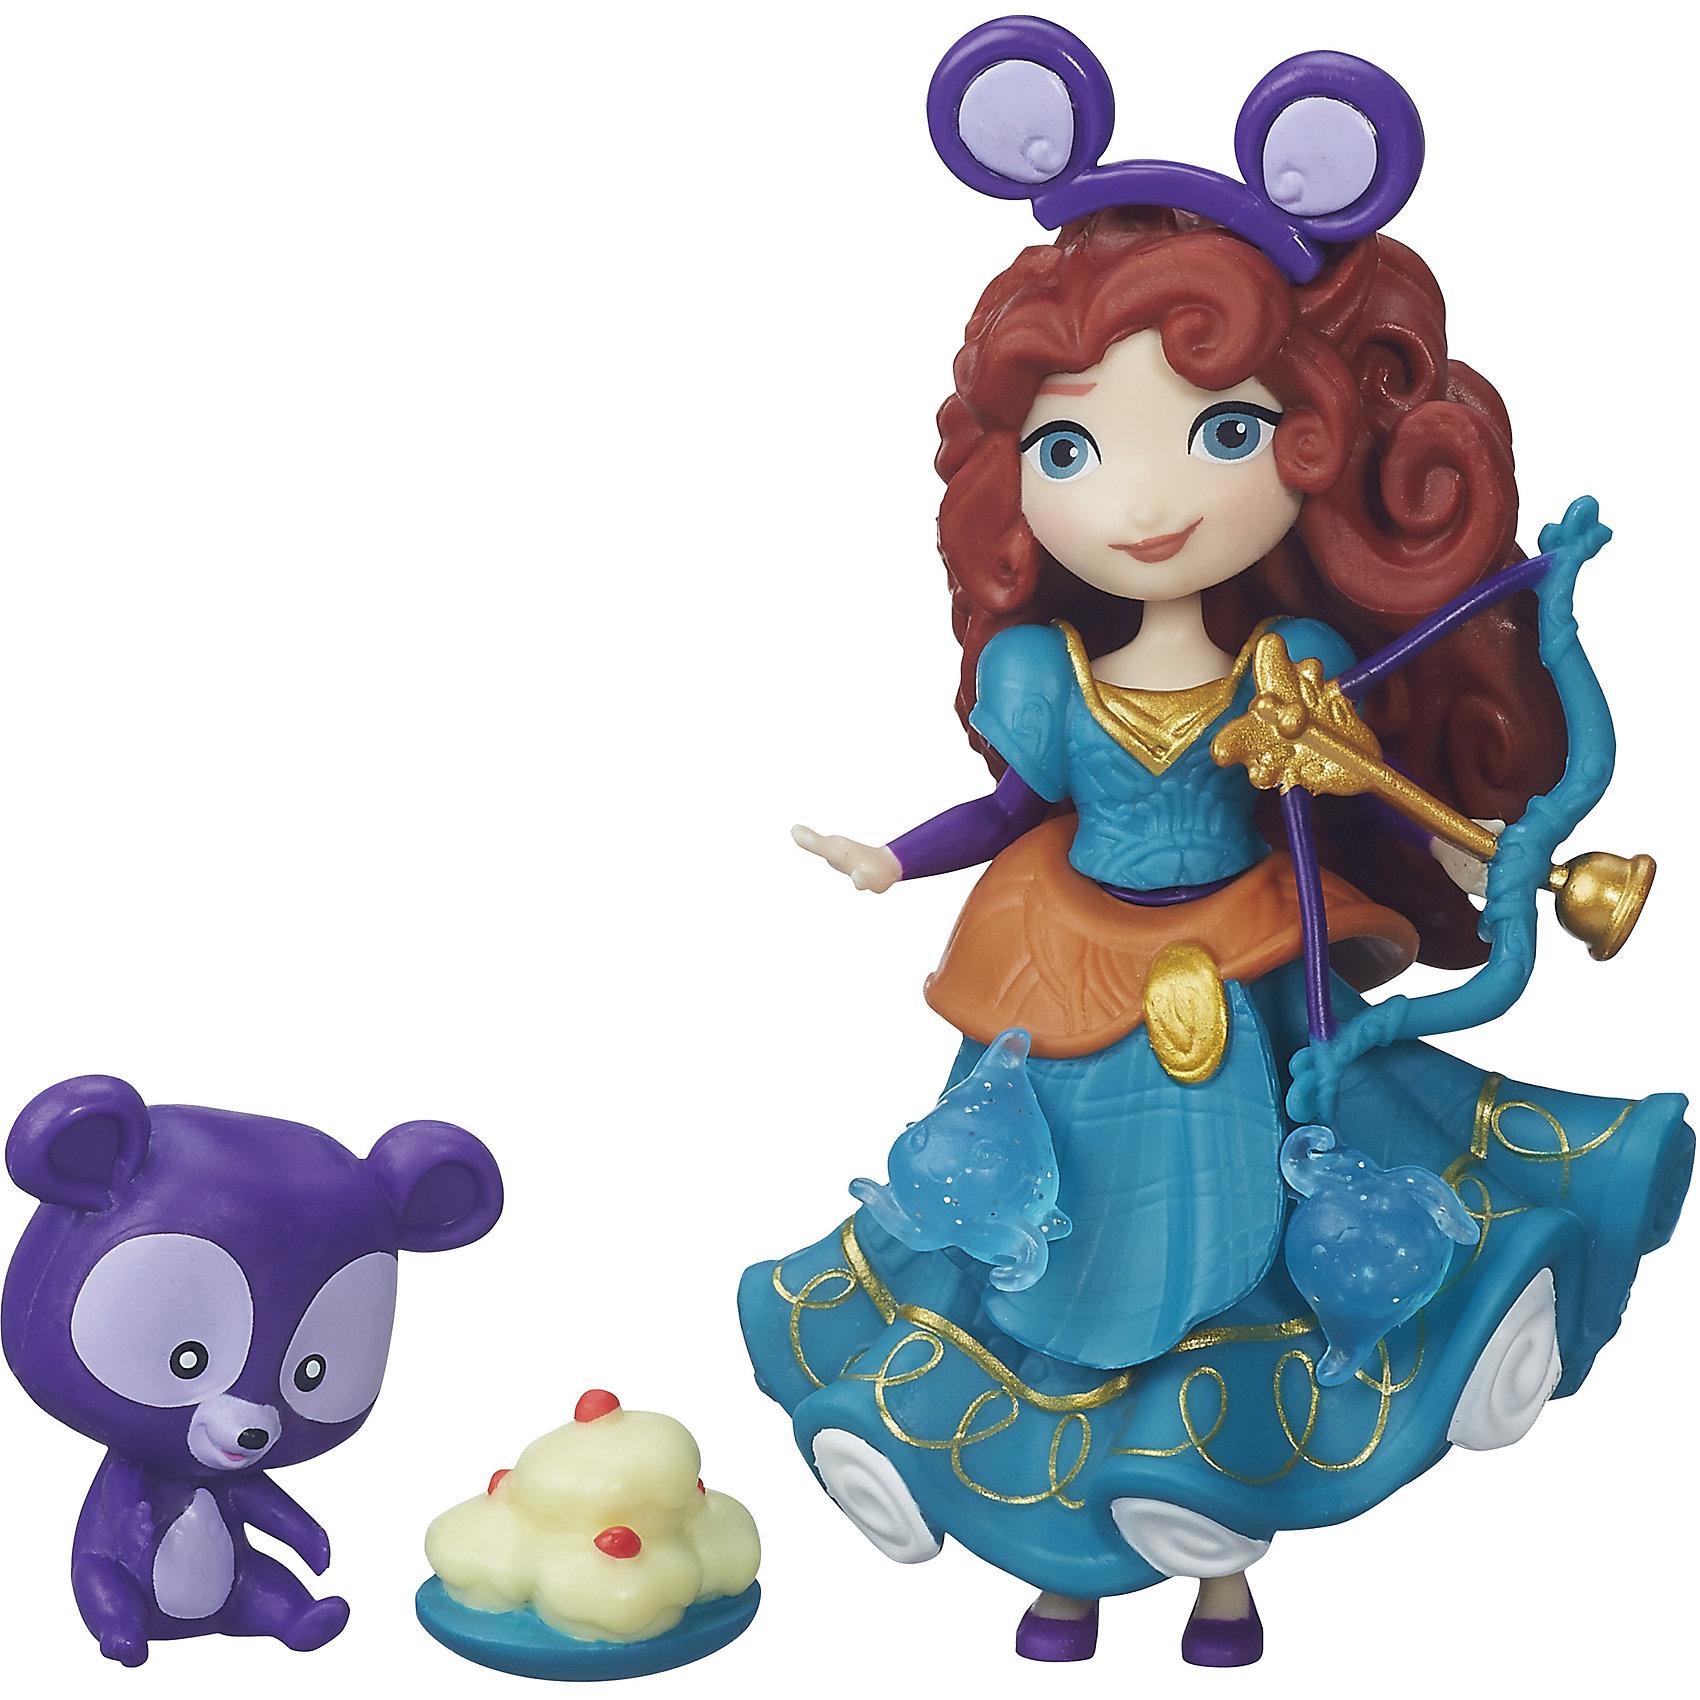 Игровой набор Маленькая кукла Принцесса и ее друг Мерида и медвежонок, B5331/B5332Игрушки<br>Игровой набор Маленькая кукла Принцесса и ее друг, B5331/B5332.<br><br>Характеристики:<br><br>- В наборе: кукла Мерида; фигурка медвежонка; сладости; лук и стрелы; 3 украшения<br>- Материал: высококачественный пластик<br>- Высота куклы: 7,62 см.<br>- Размер упаковки: 3,8х15,2х15,2 см.<br>- Вес упаковки: 79 г.<br><br>В миниатюрный игровой набор Маленькая кукла Принцесса и ее друг входит фигурка принцессы Мериды, ее питомец медвежонок, а также различные аксессуары и небольшие детали-украшения, которыми можно декорировать платье принцессы. Для этого в платье предусмотрены специальные отверстия. У Мериды много хлопот ее очаровательный питомец, как все медвежата, очень любит сладкое! Выводя его на прогулку и охоту, малышке придется следить, чтобы медвежонок не ухватил сладости и не начал с ними играть, положив на брюшко. Мерида может взять лук и стрелы и устроить себе и медвежонку незабываемое приключение. В том, чтобы приключение было интересным, ей понадобится помощь маленькой хозяйки, что позволит девочке проявить фантазию. Кукла может стоять и сидеть<br><br>Игровой набор Маленькая кукла Принцесса и ее друг, B5331/B5332 можно купить в нашем интернет-магазине.<br><br>Ширина мм: 38<br>Глубина мм: 150<br>Высота мм: 490<br>Вес г: 91<br>Возраст от месяцев: 48<br>Возраст до месяцев: 96<br>Пол: Женский<br>Возраст: Детский<br>SKU: 5064705